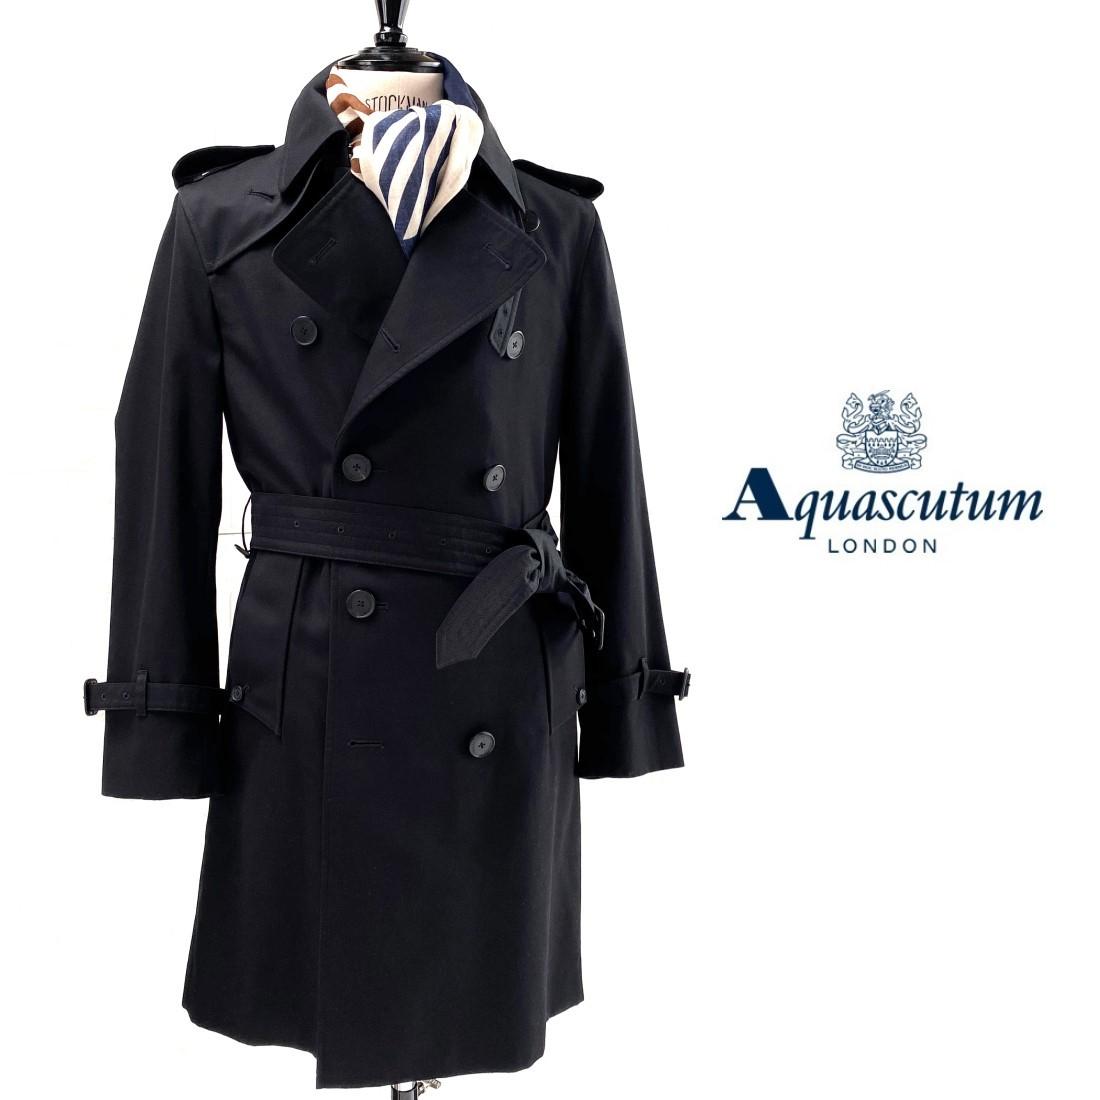 トレンチコートの代名詞的存在のブランド Aquascutum アクアスキュータム 英国製PRINCEGATE 捧呈 ブラック 予約販売品 ダブルブレストトレンチコート 黒